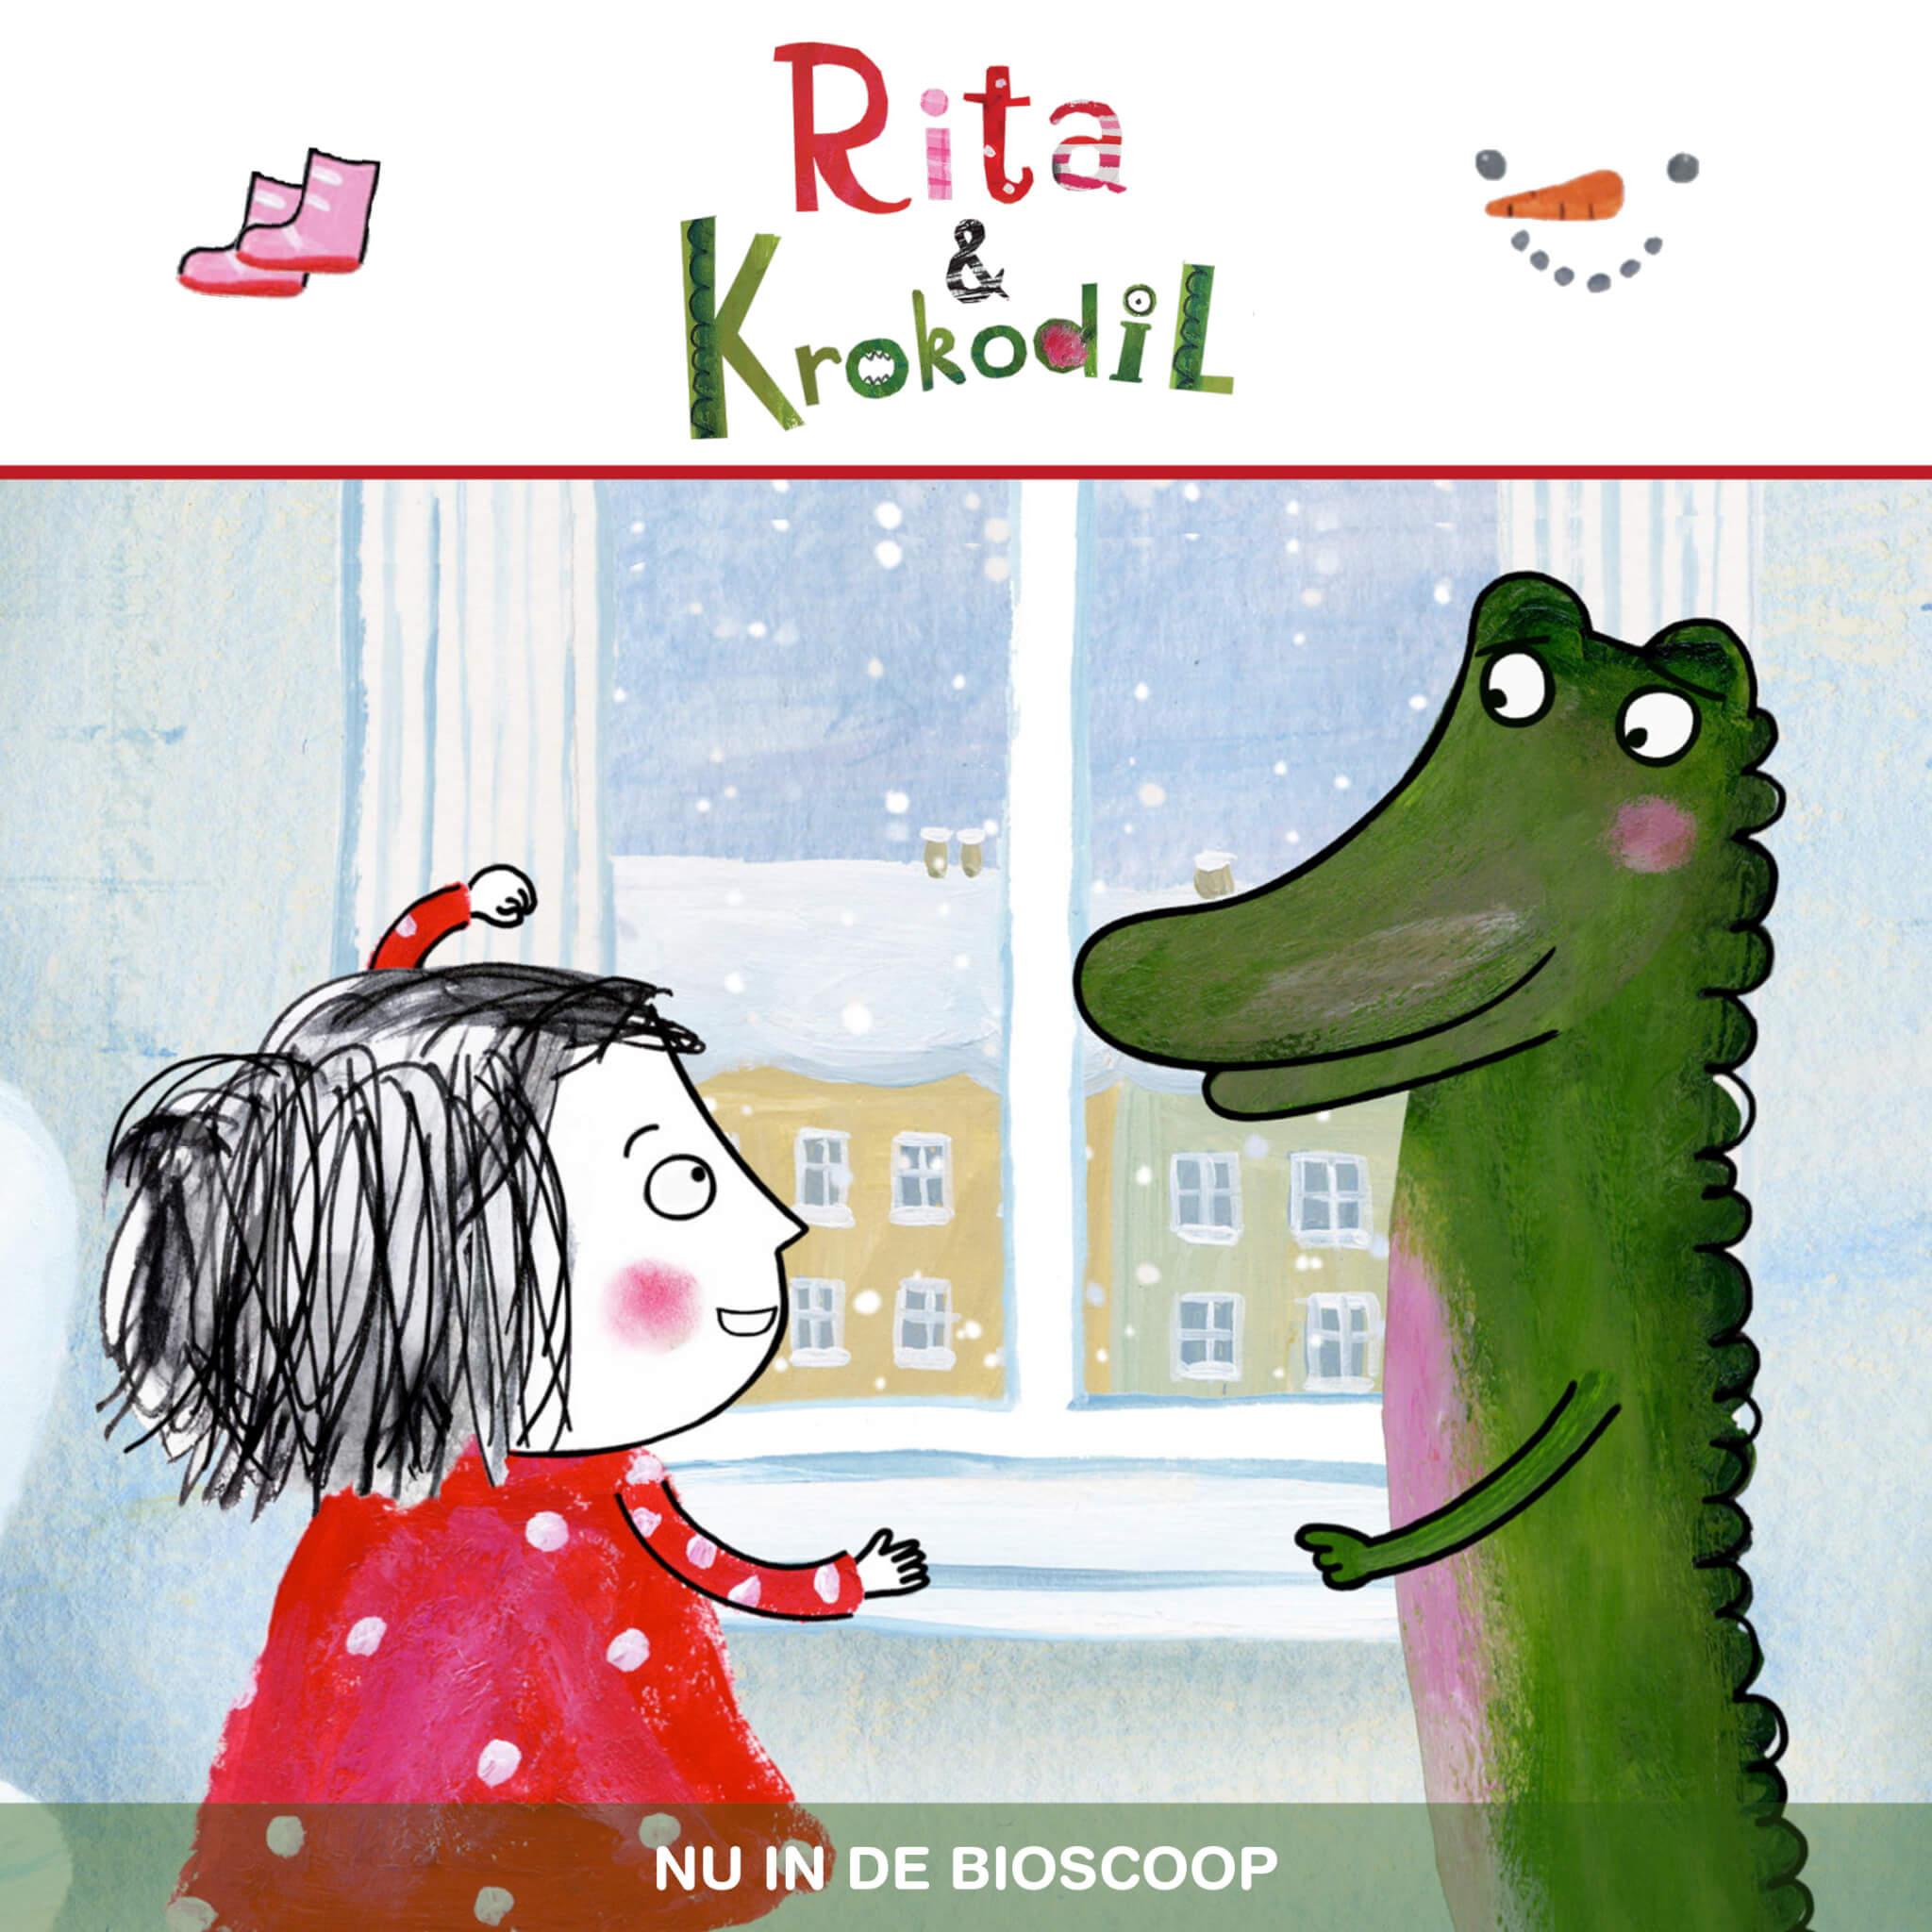 Filmtip voor kerst: Rita & Krokodil (2+)